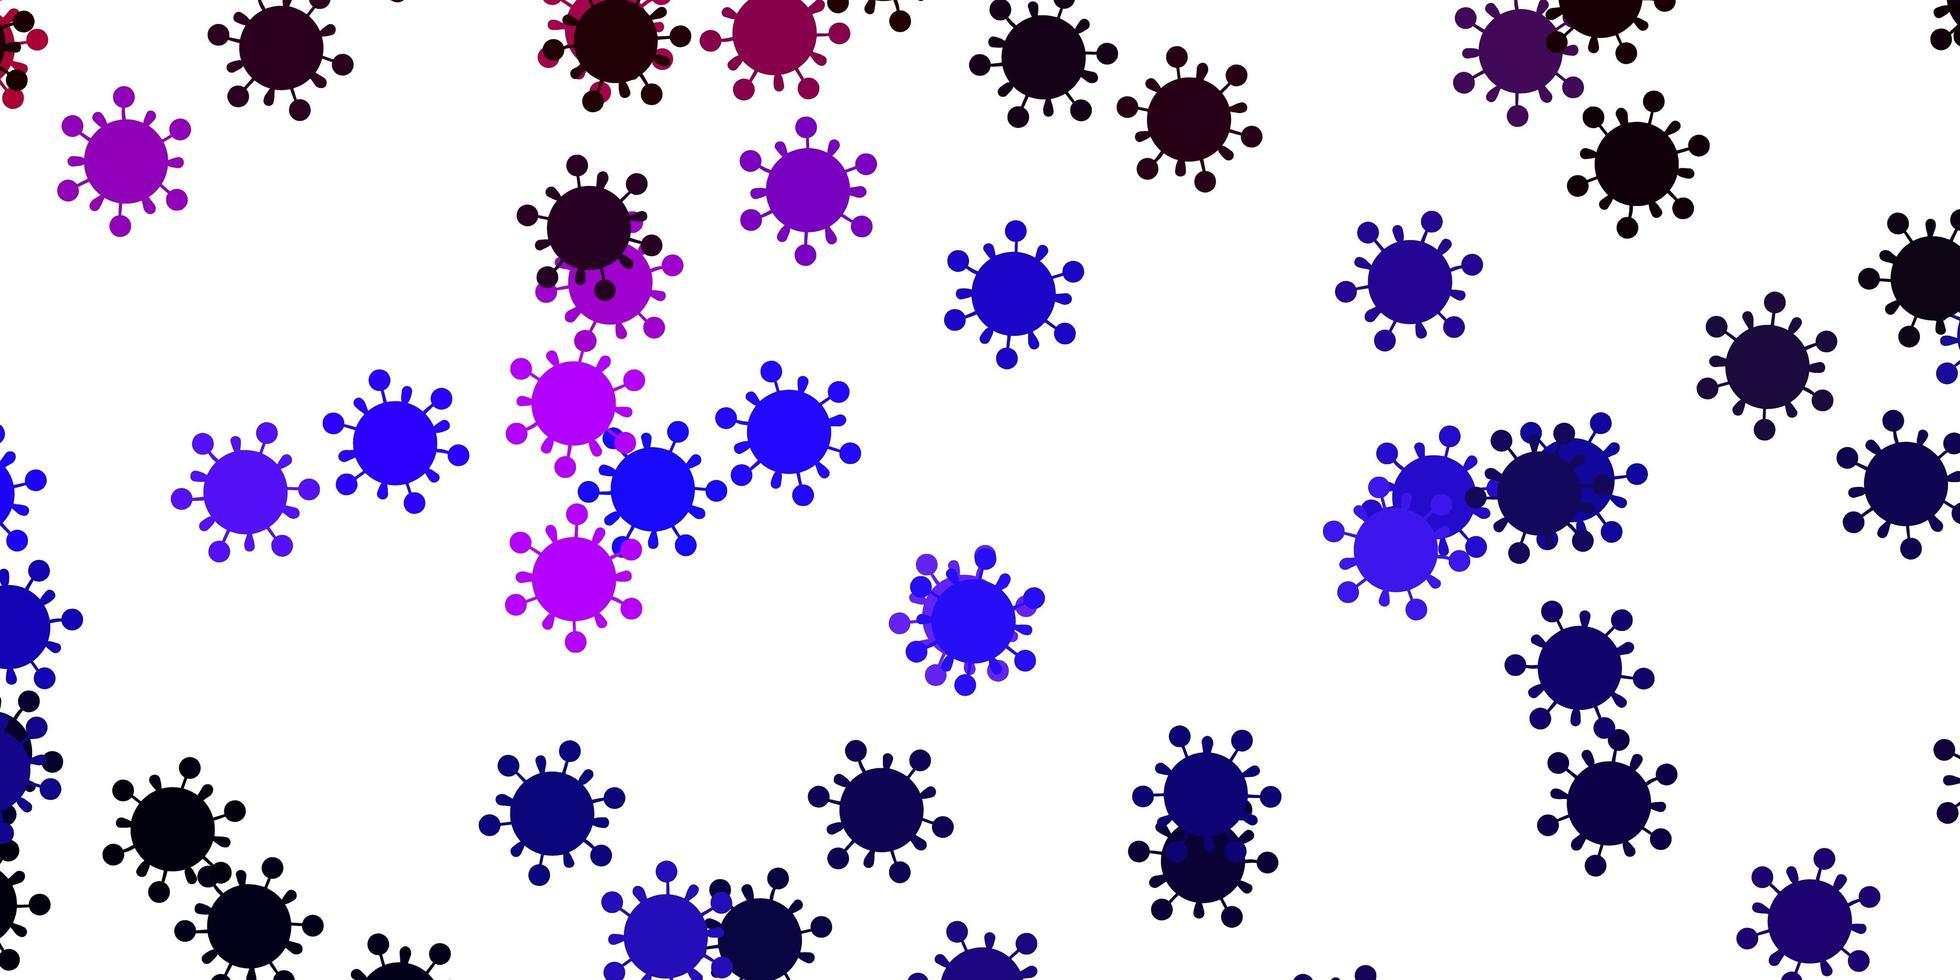 ljuslila bakgrund med covid-19 symboler. vektor